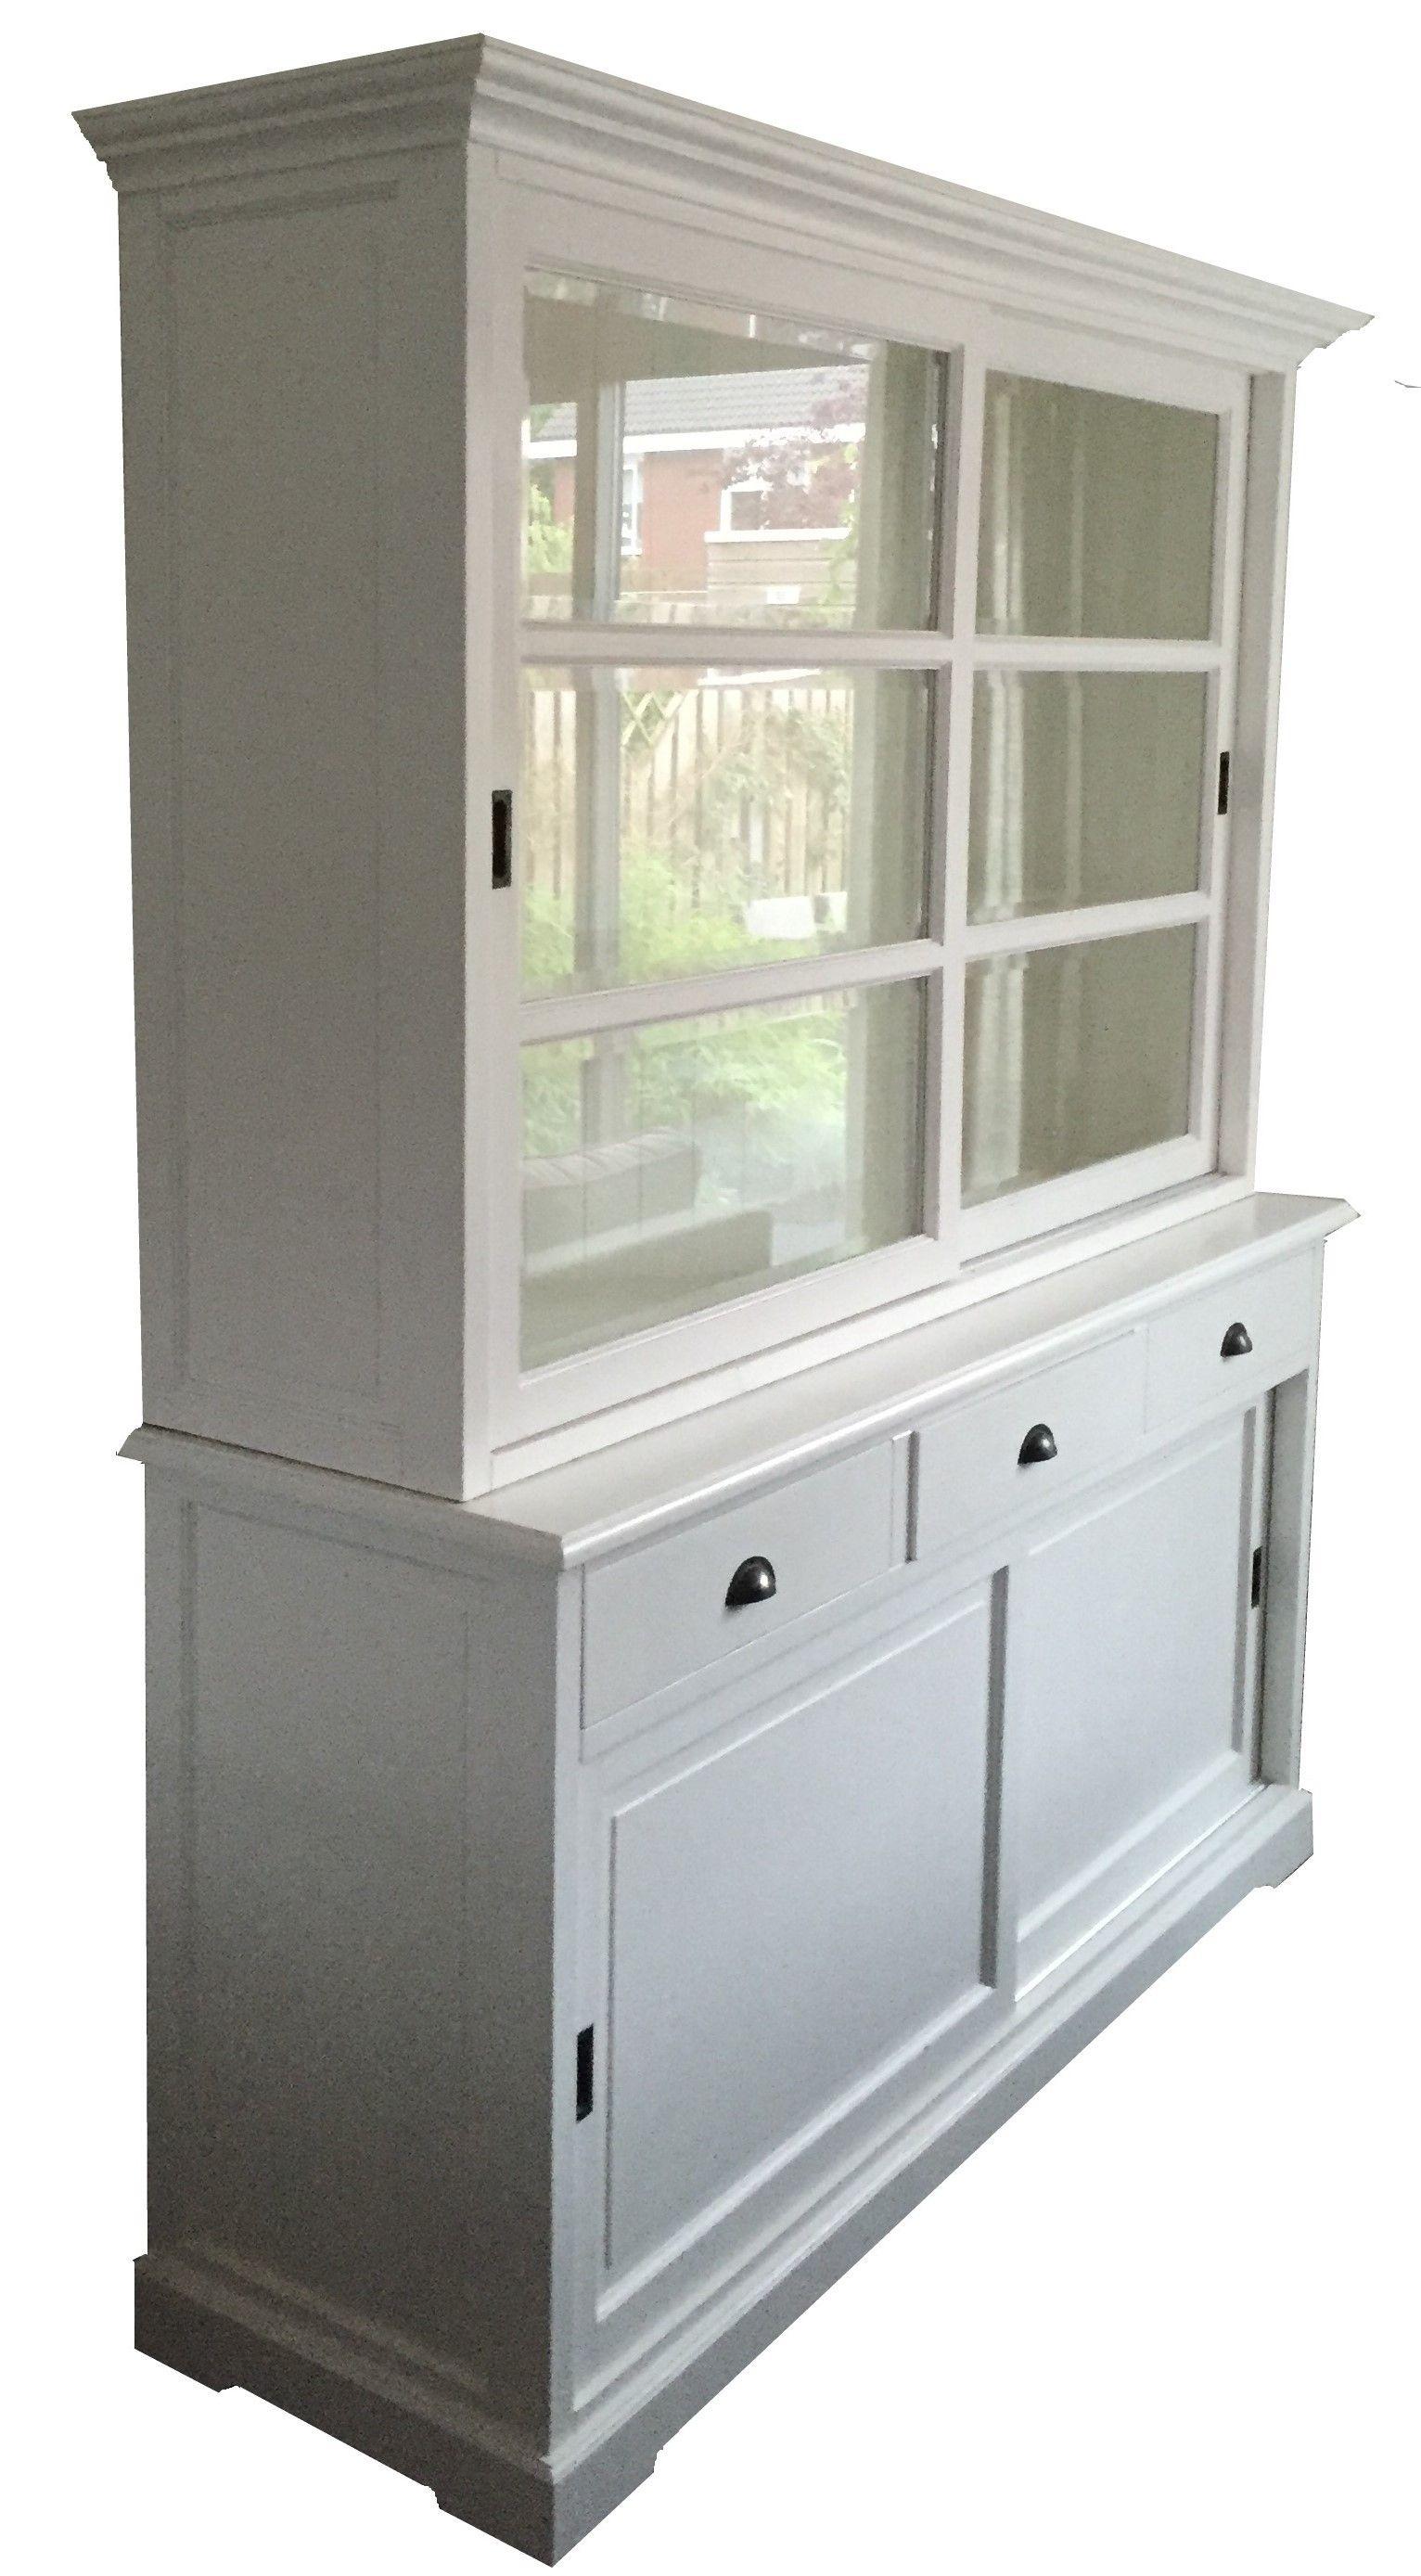 Winkelkast Met Schuifdeuren.Mooie White Wash Buffetkast Met Schuifdeuren Leverbaar In 160cm